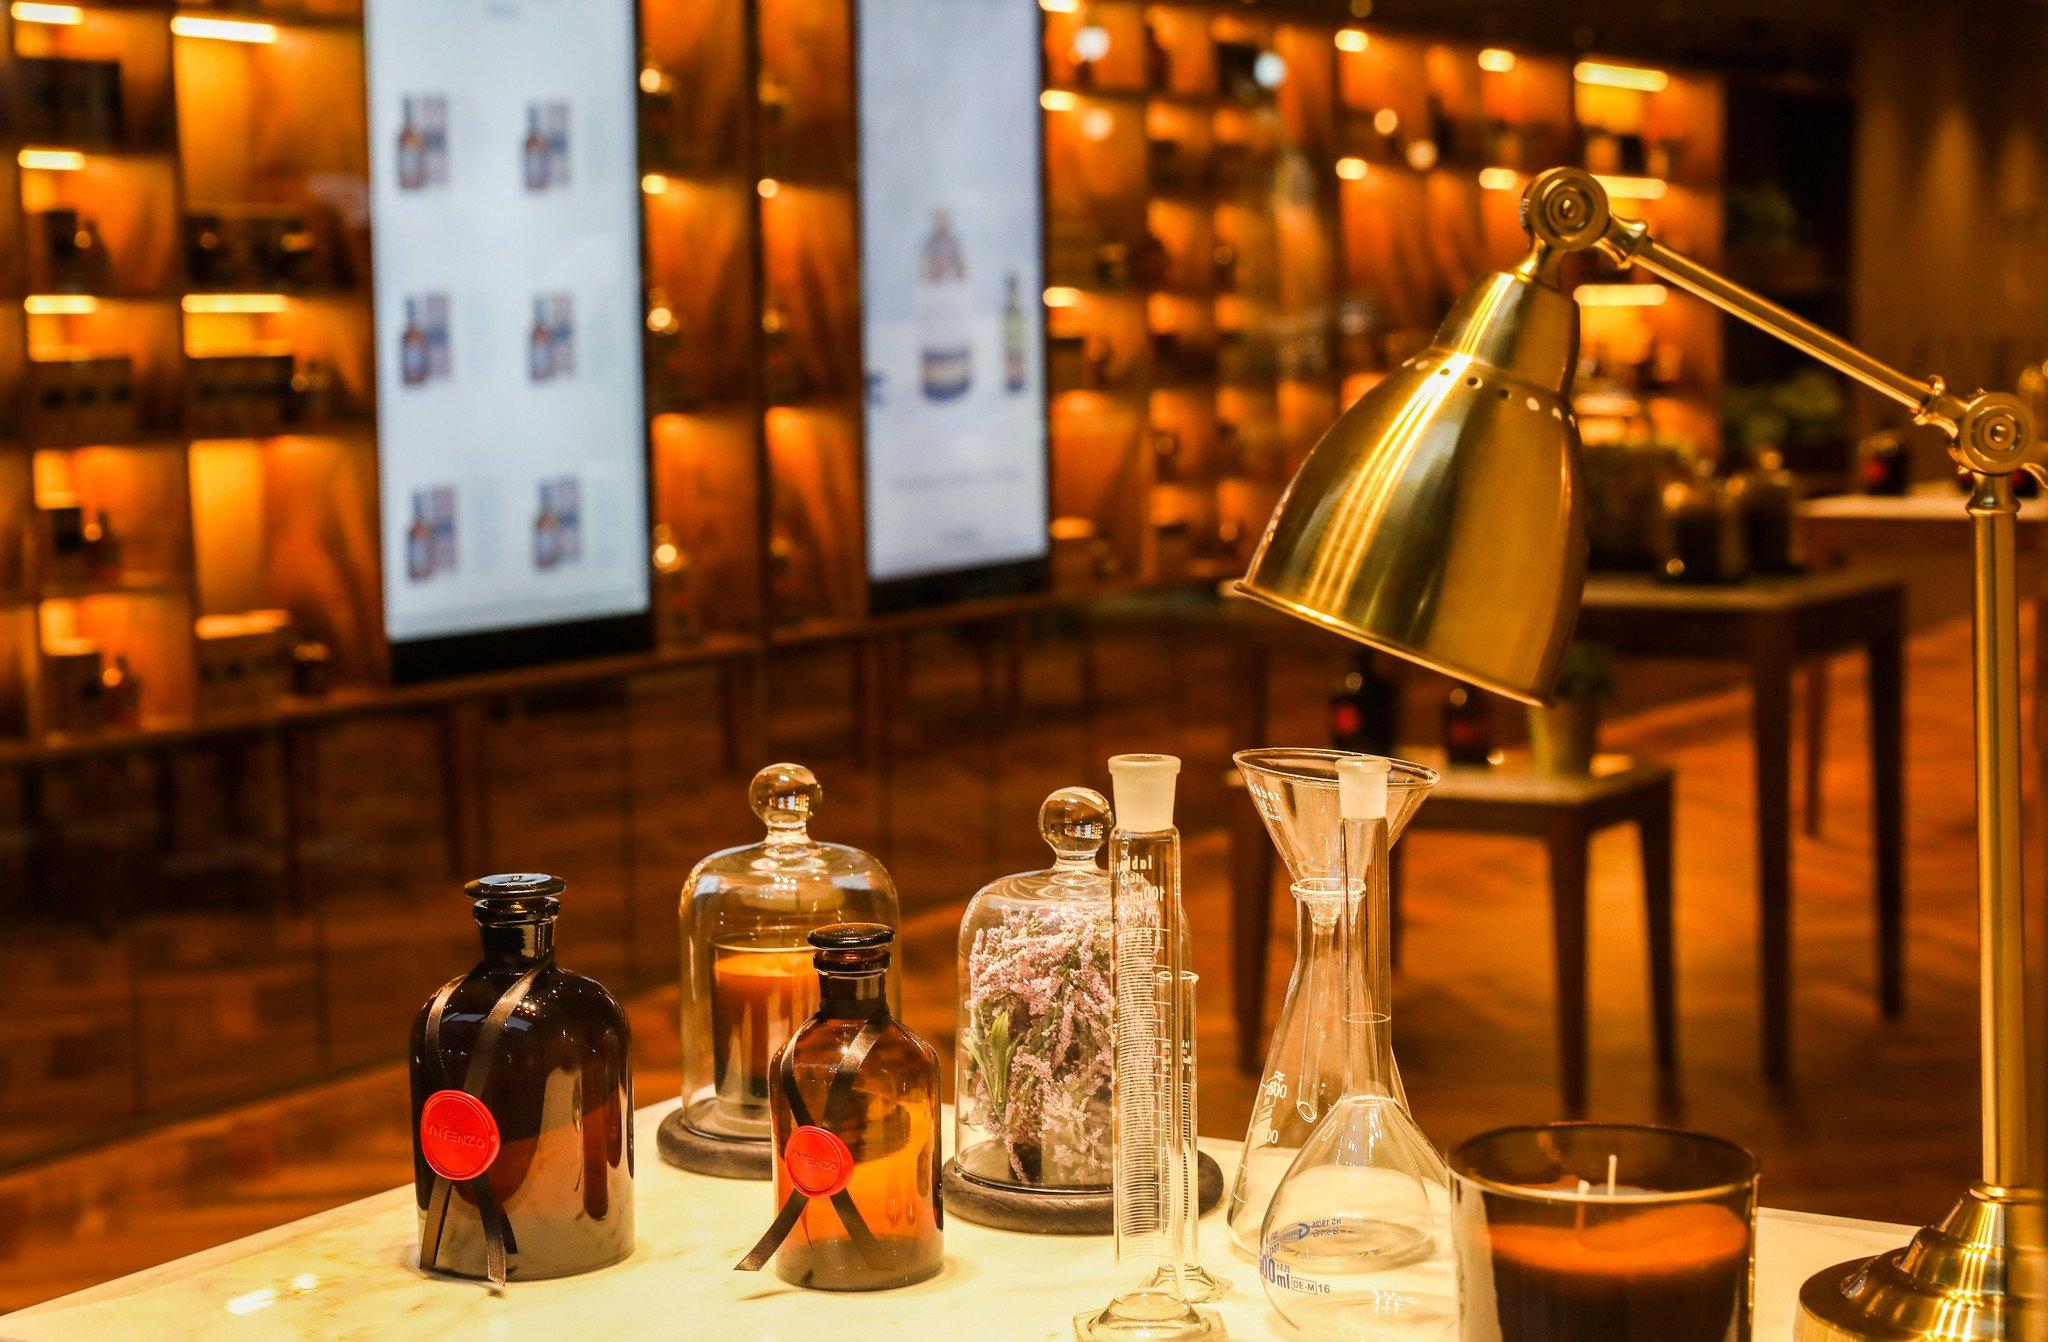 LM-Perfumes Yntenzo 1.jpg